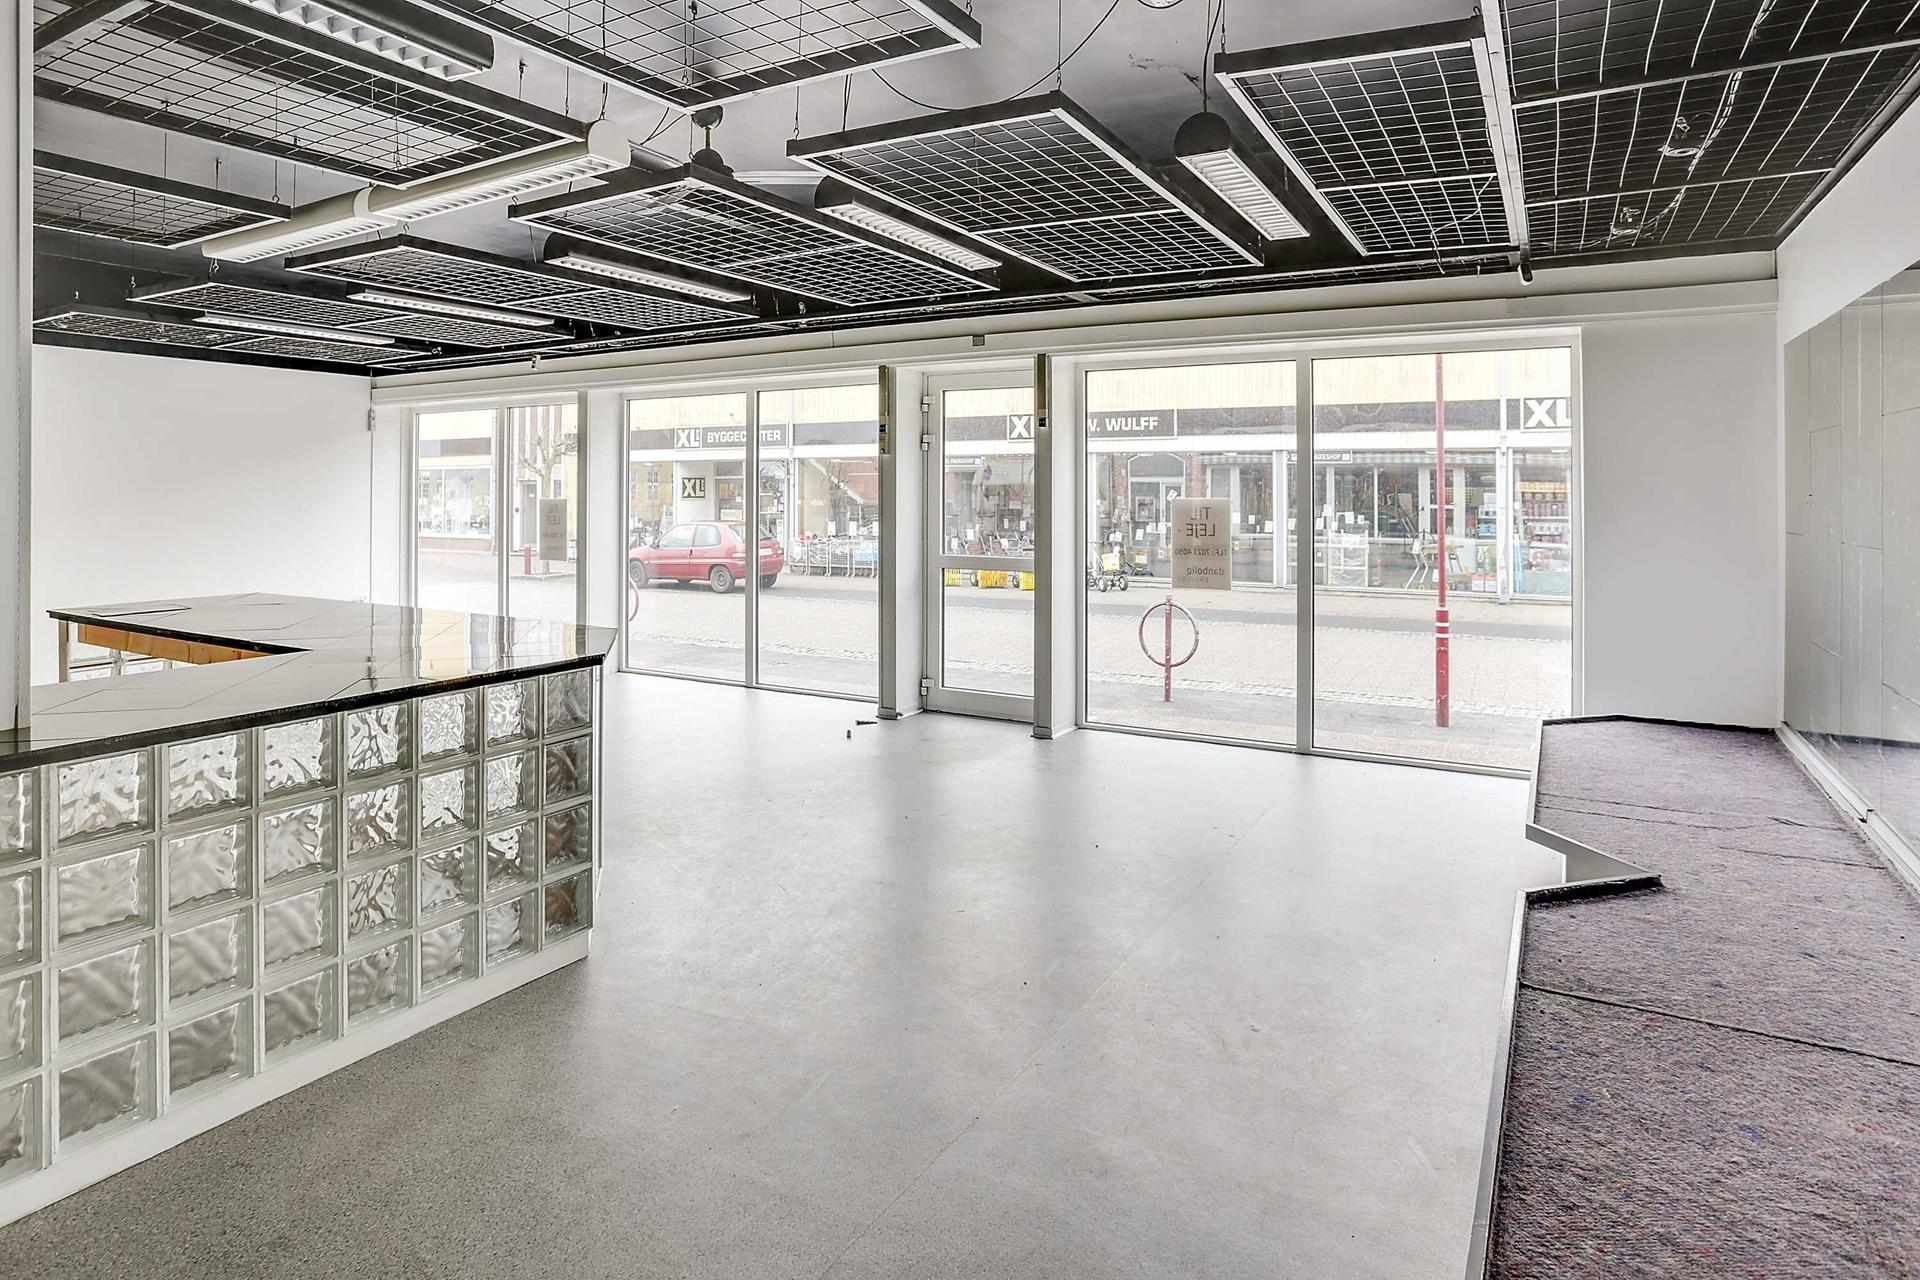 Bolig/erhverv på Vestergade i Stubbekøbing - Forretning